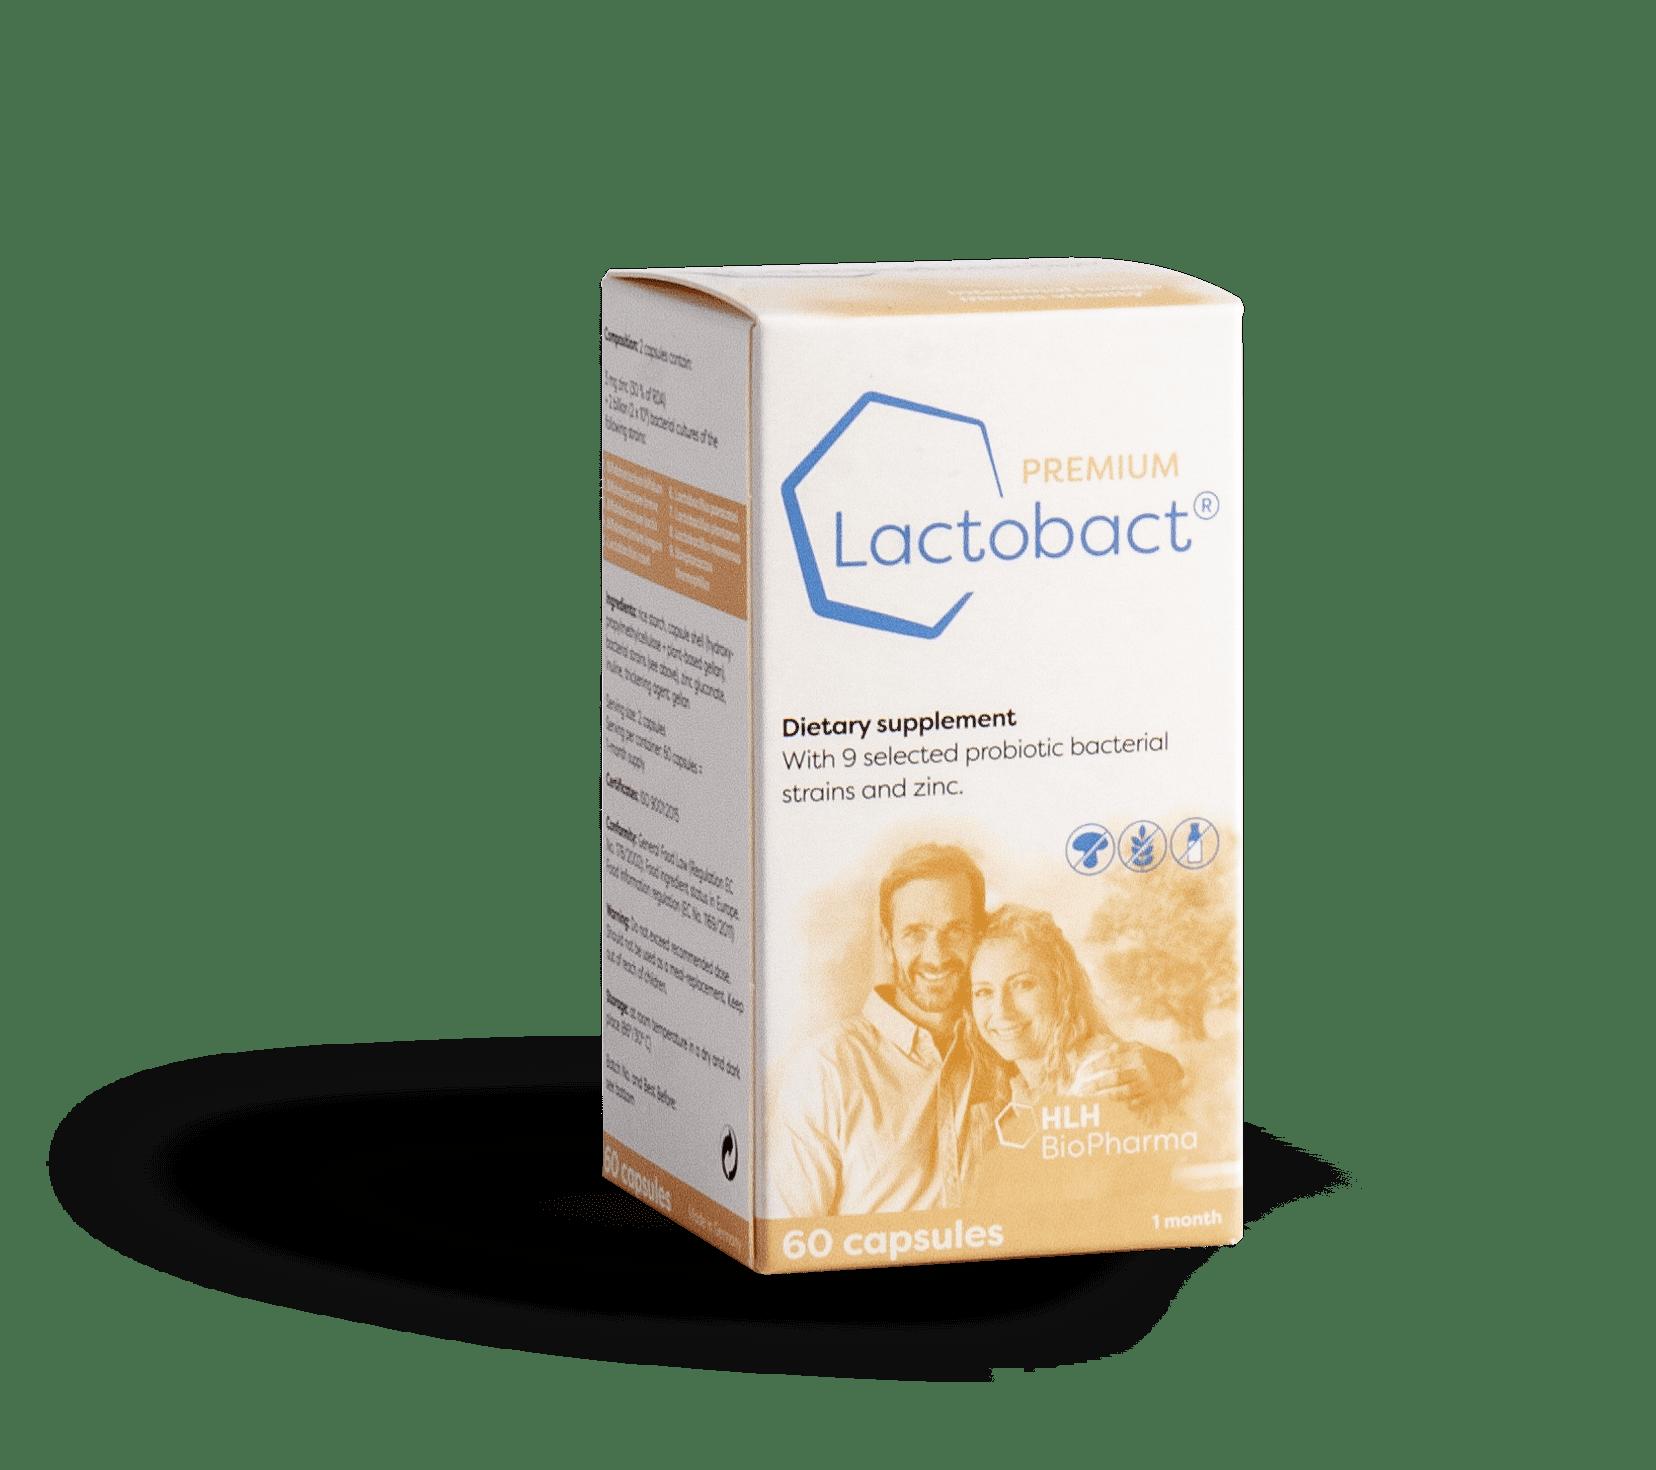 Lactobact PREMIUM